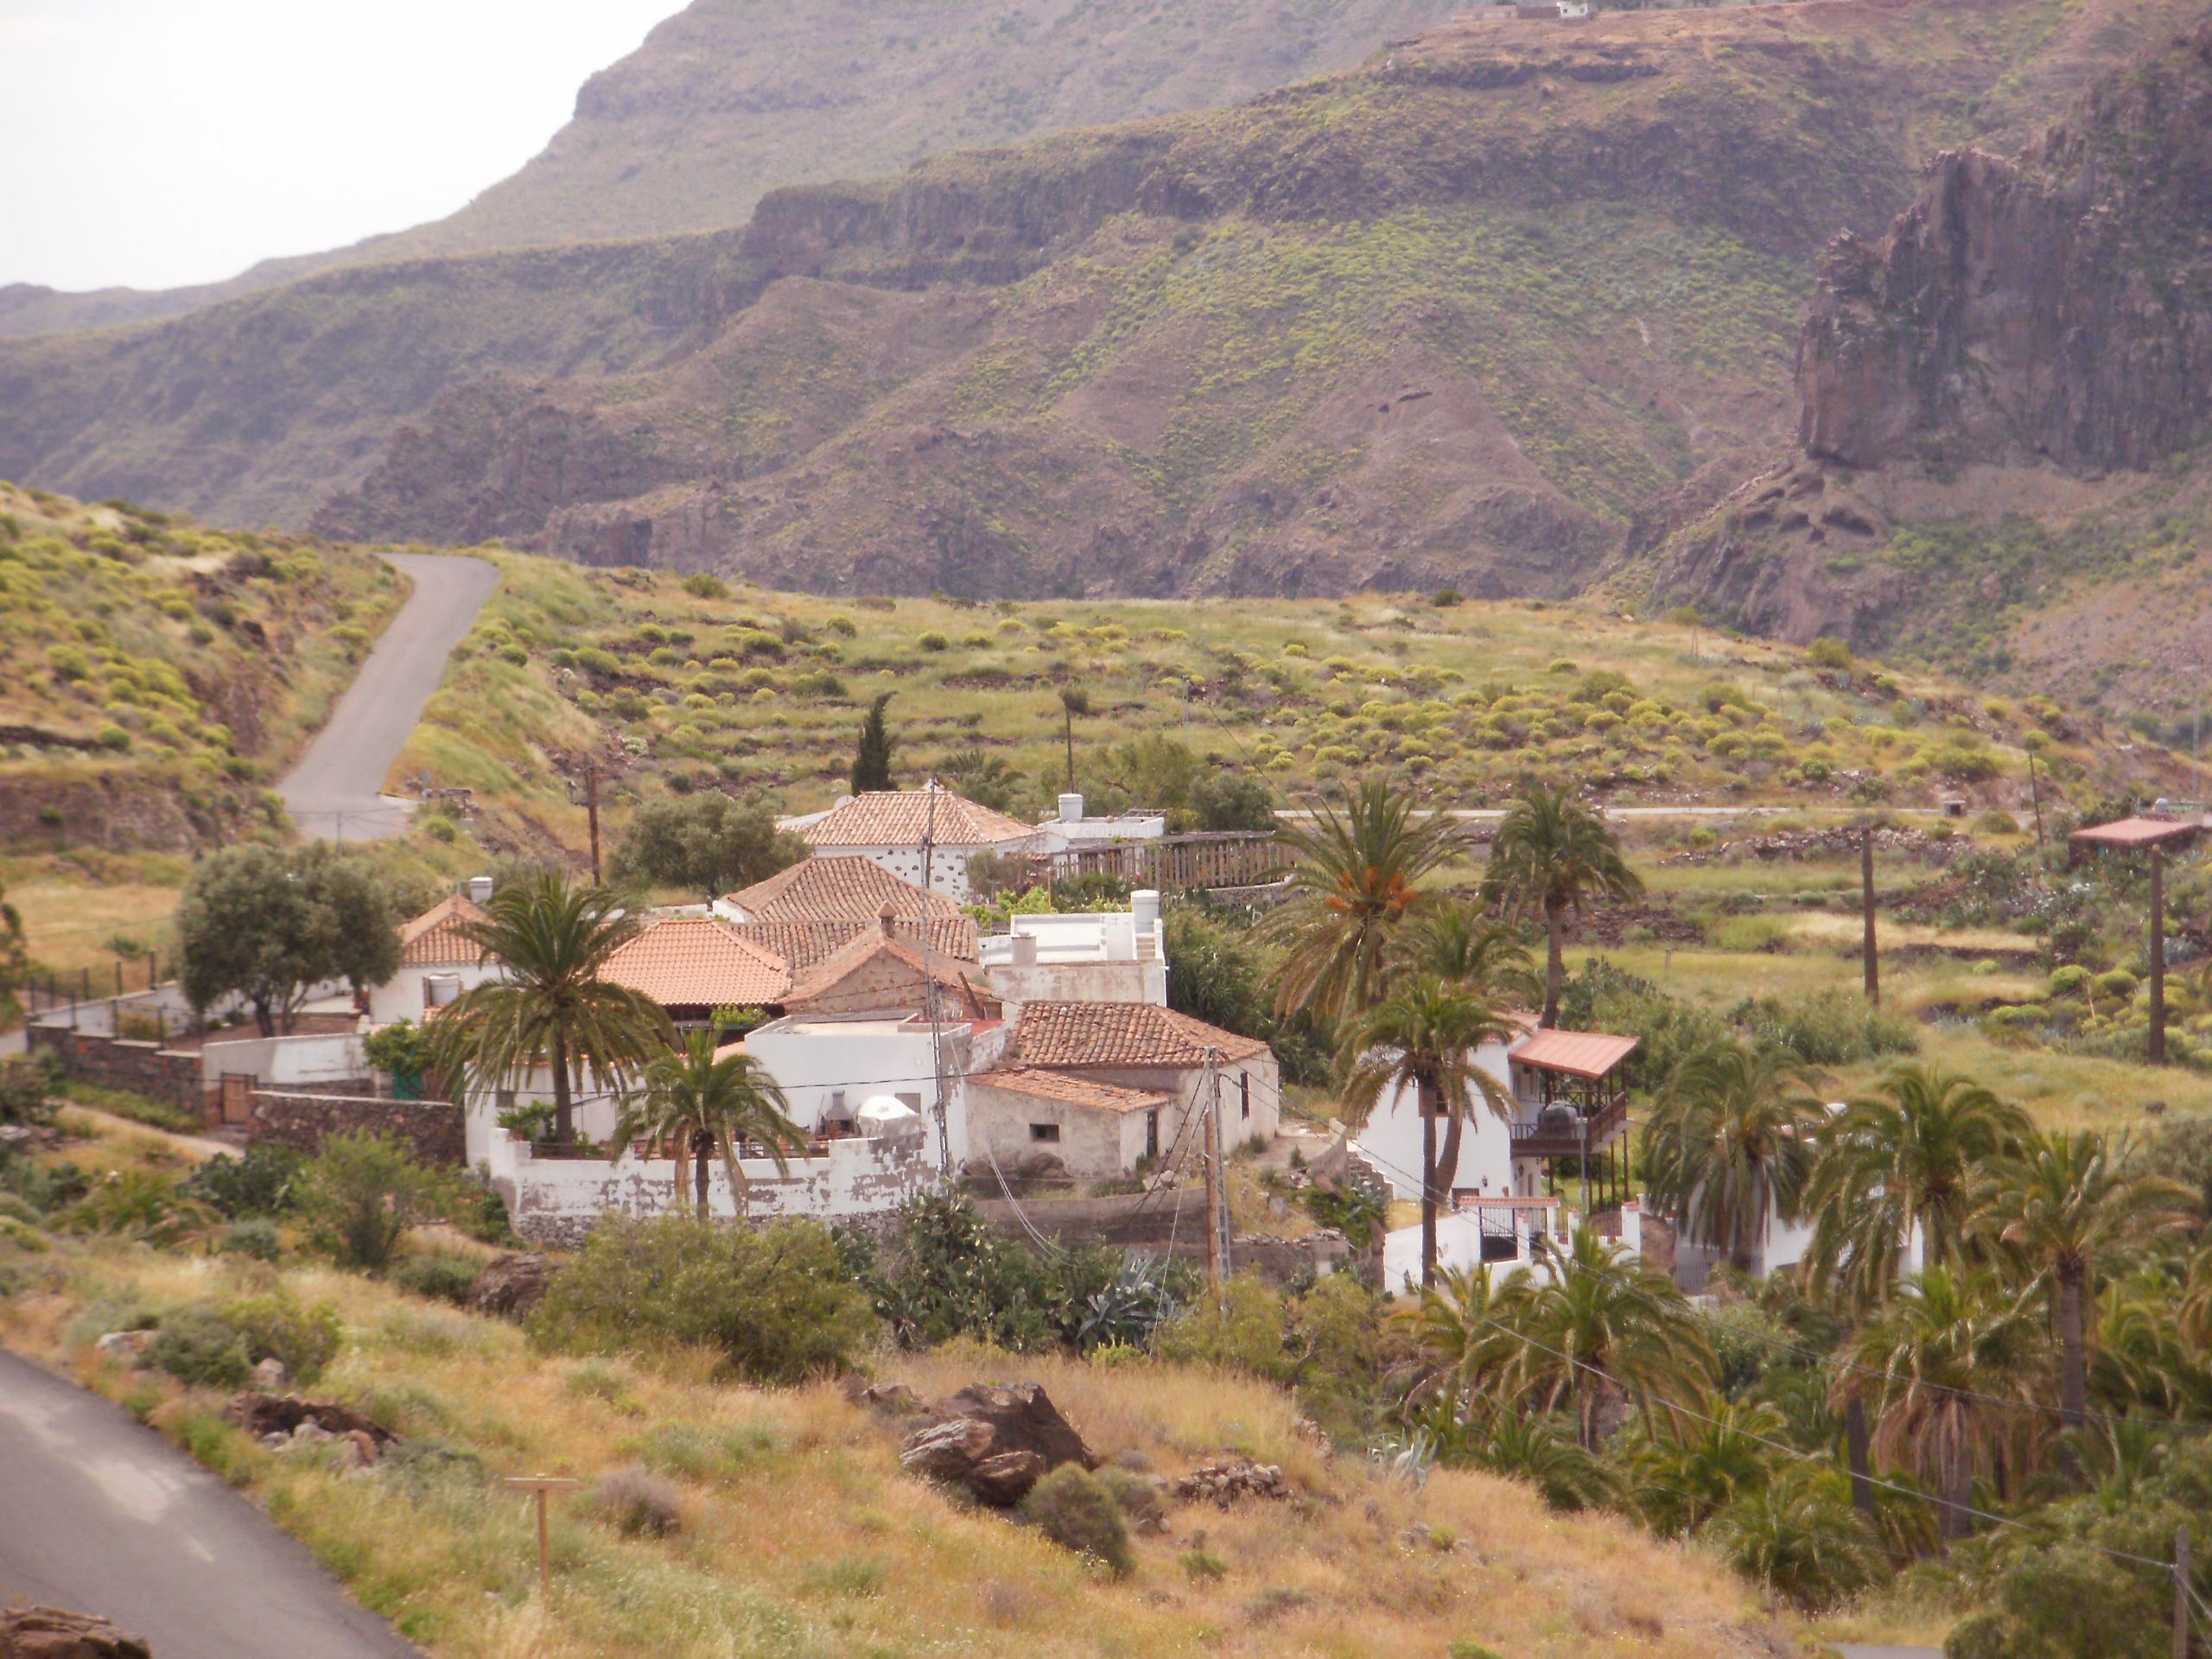 Fotos de la escuela de la sorrueda gran canaria santa lucia de tirajana clubrural - Ofertas casas rurales gran canaria ...